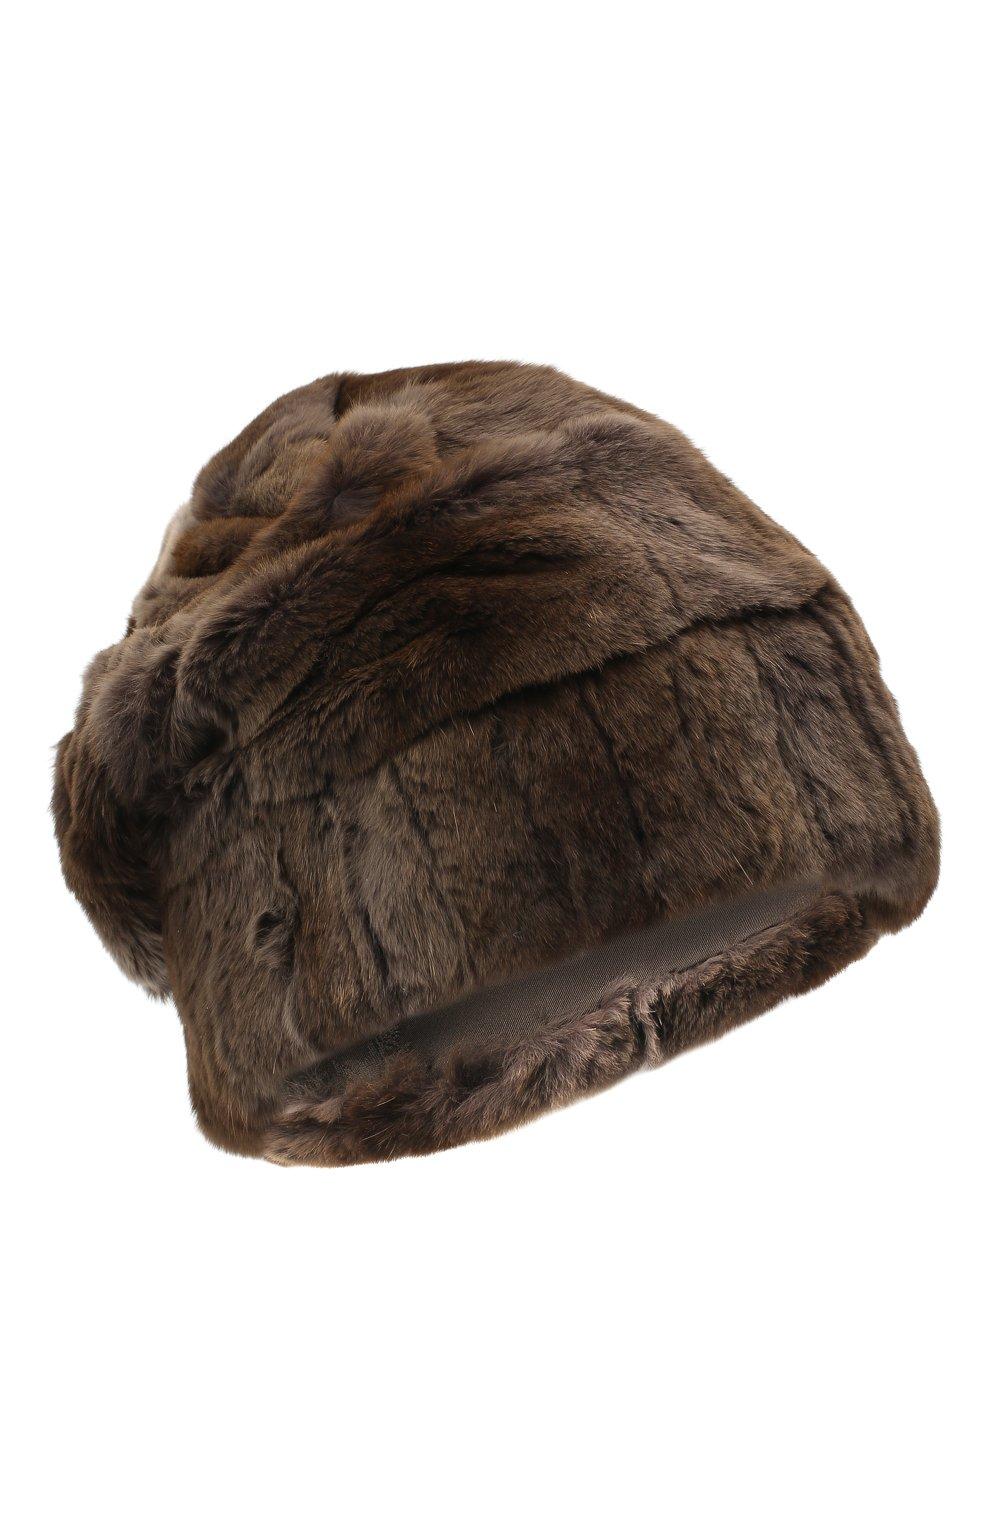 Мужская шапка из меха колонка FURLAND коричневого цвета, арт. 0105108150070200000 | Фото 1